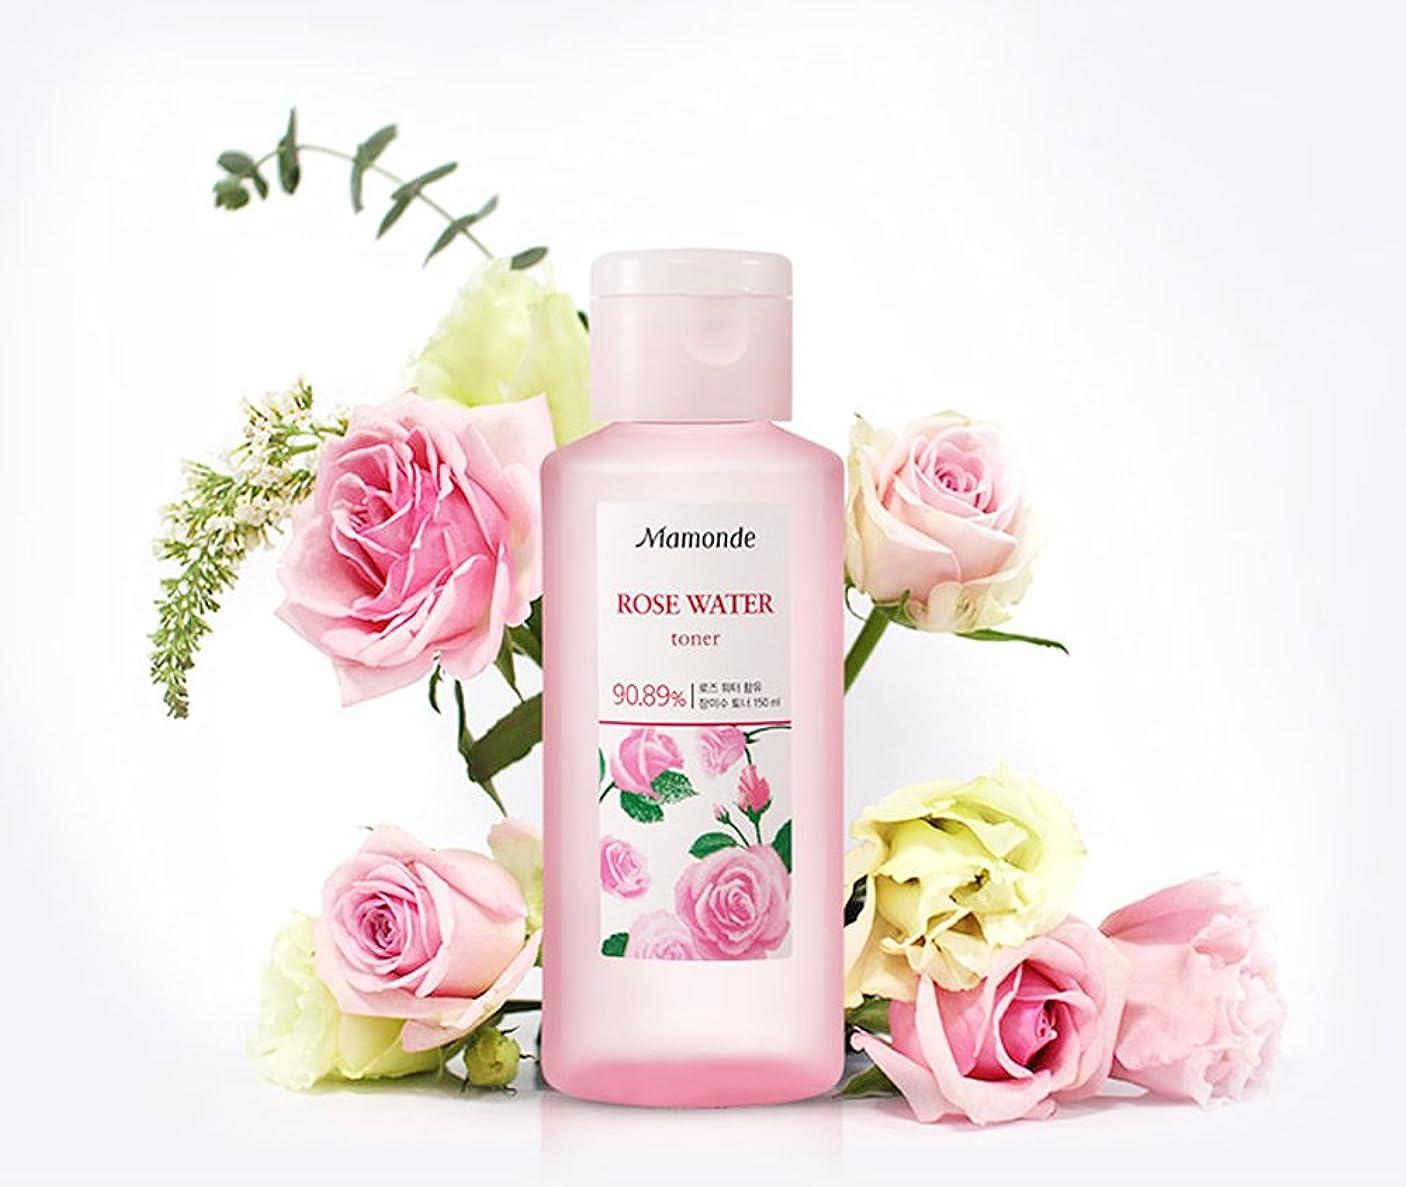 作者腐食するピジン韓国 コスメ Mamonde - マモンド ローズウォーター トナー 150ml Mamonde Rose Water Tone 150ml